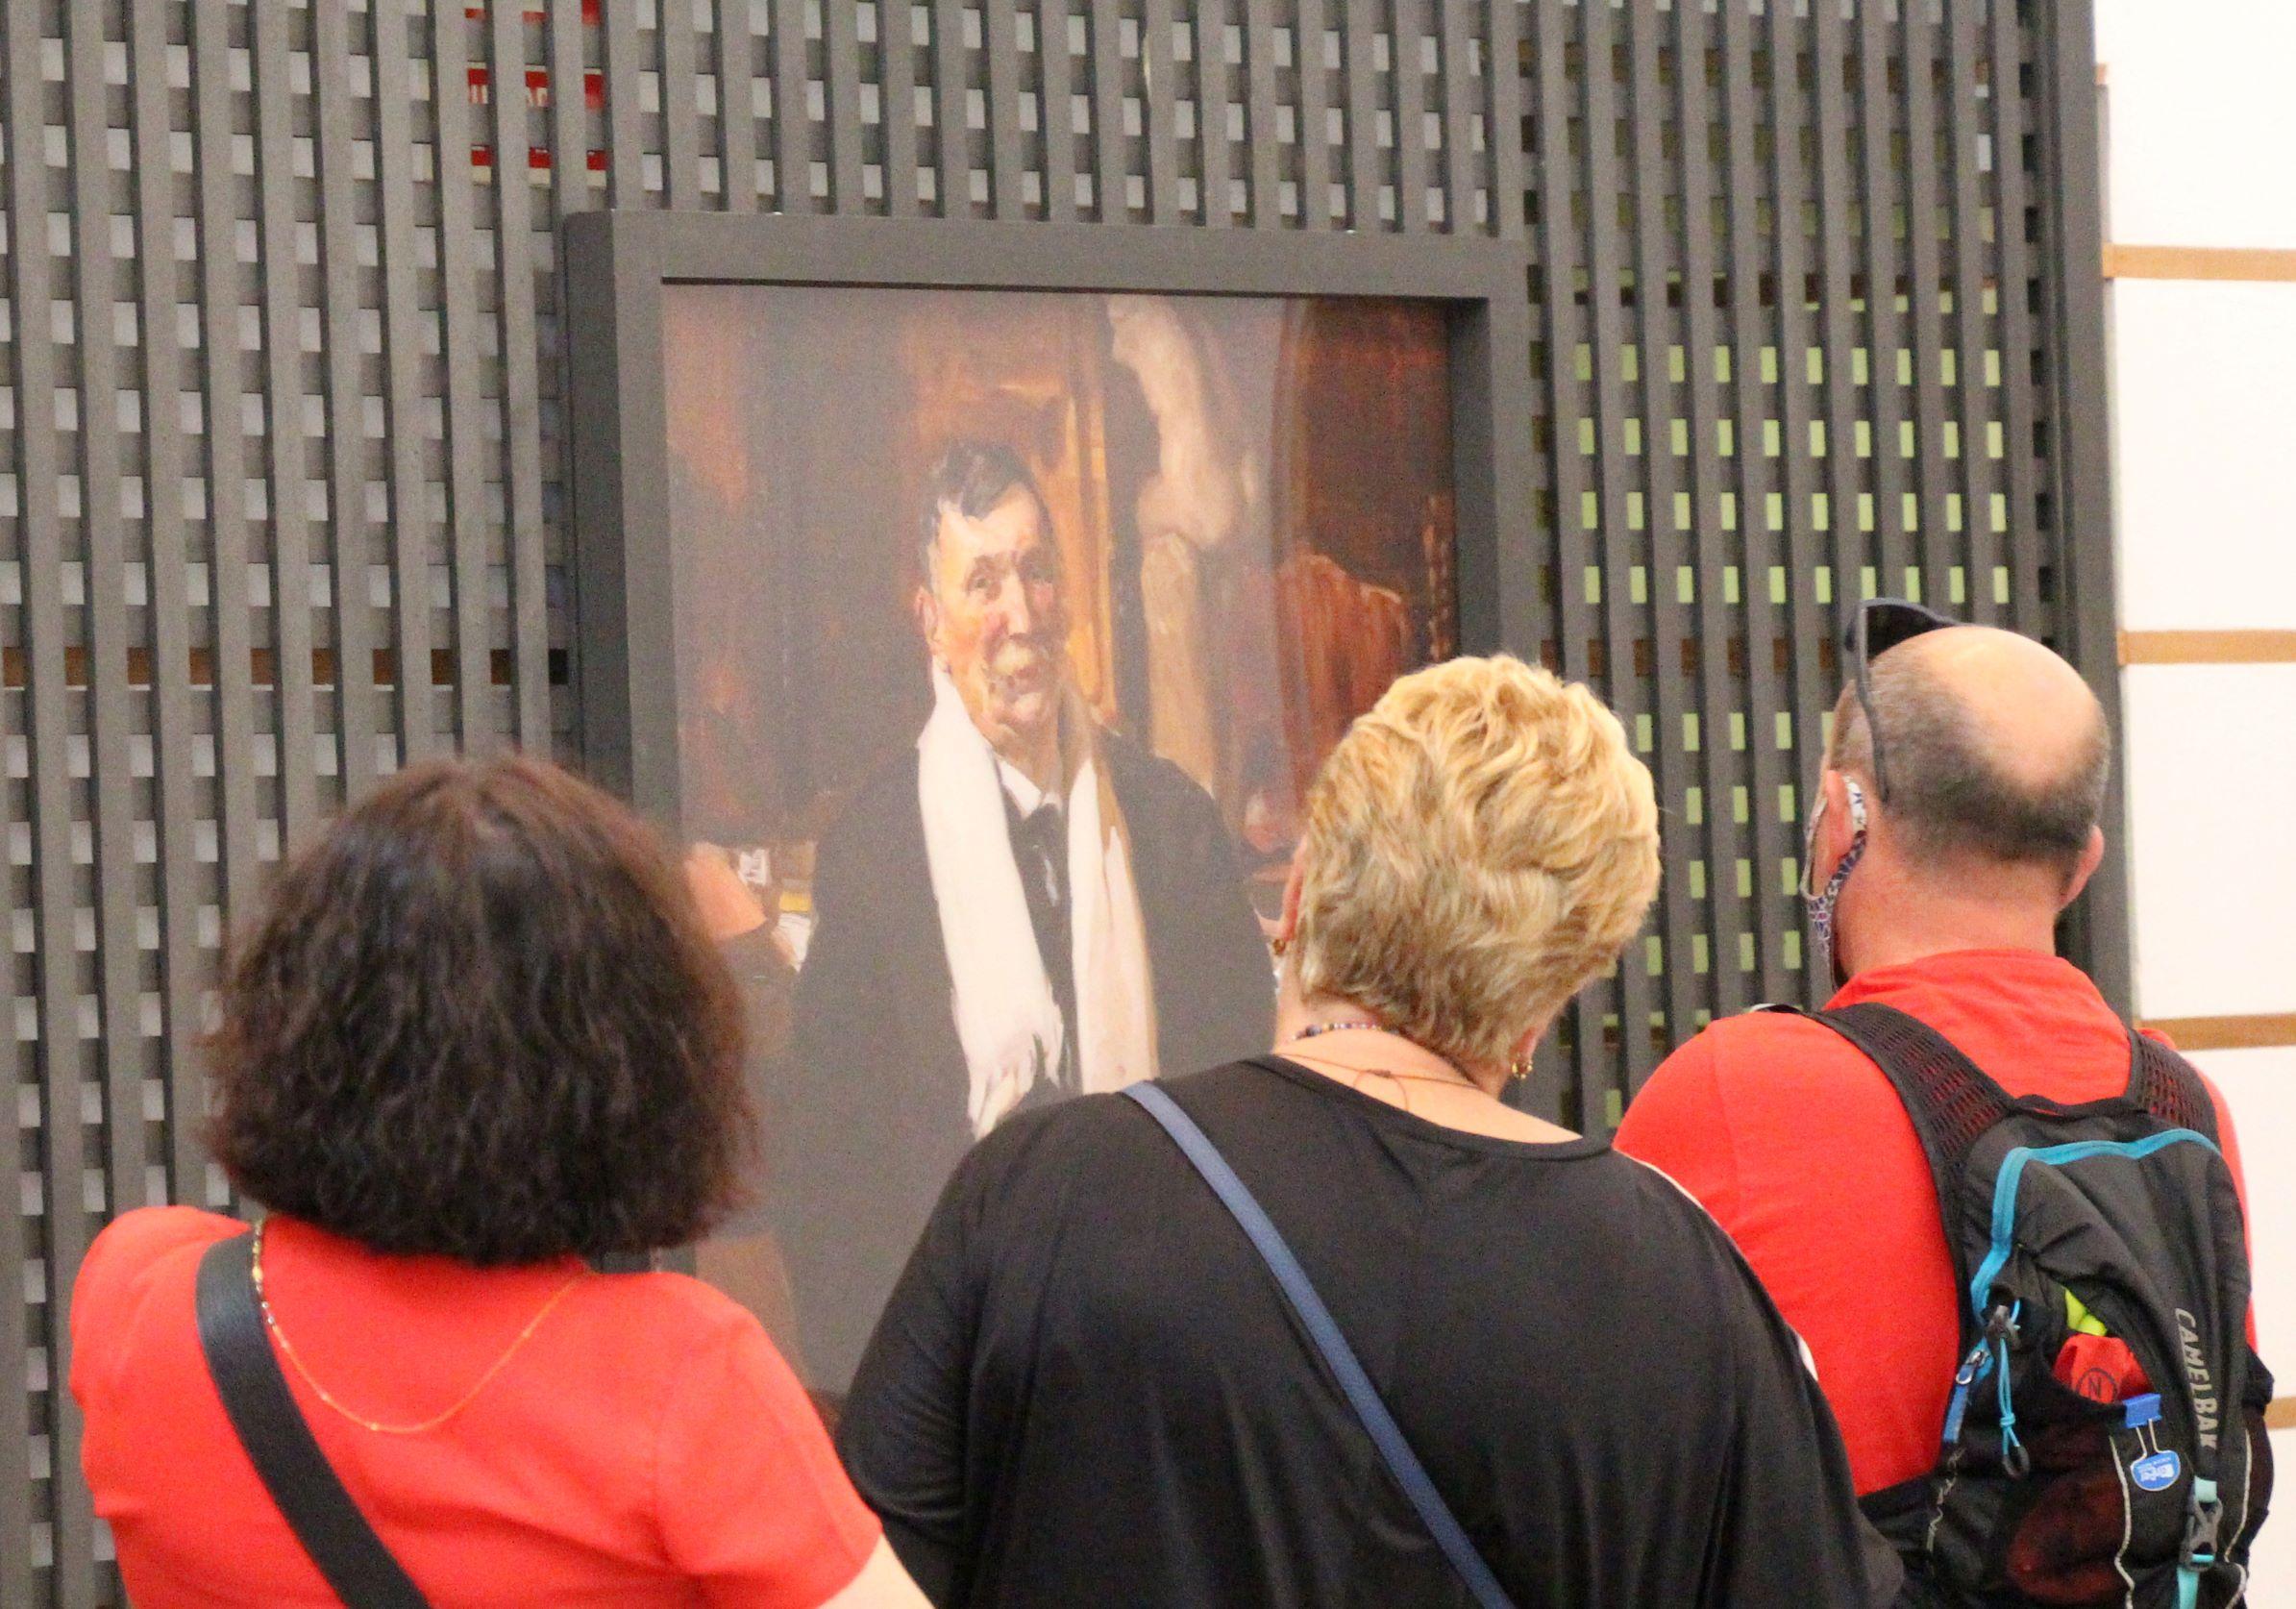 La Casa-Museo Pérez Galdós amplía hasta el 28 de febrero las visitas a la exposición 'Benito Pérez Galdós. La verdad humana'